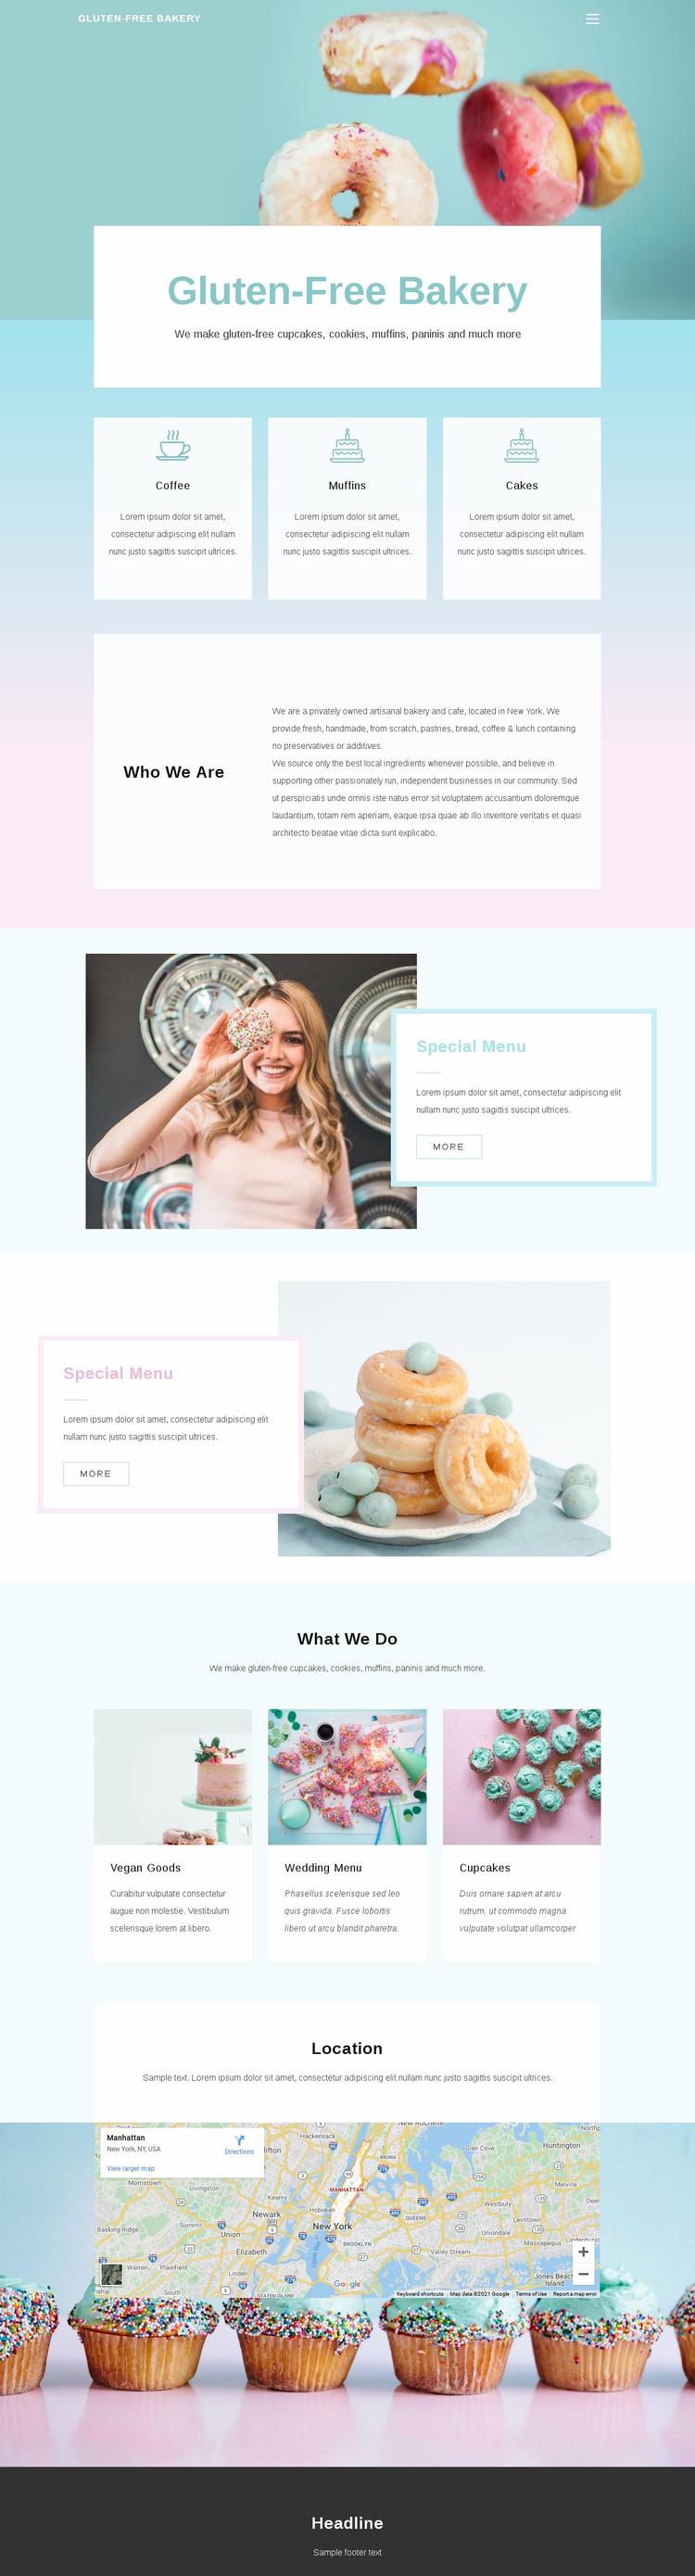 Gluten-Free Backery Website Mockup